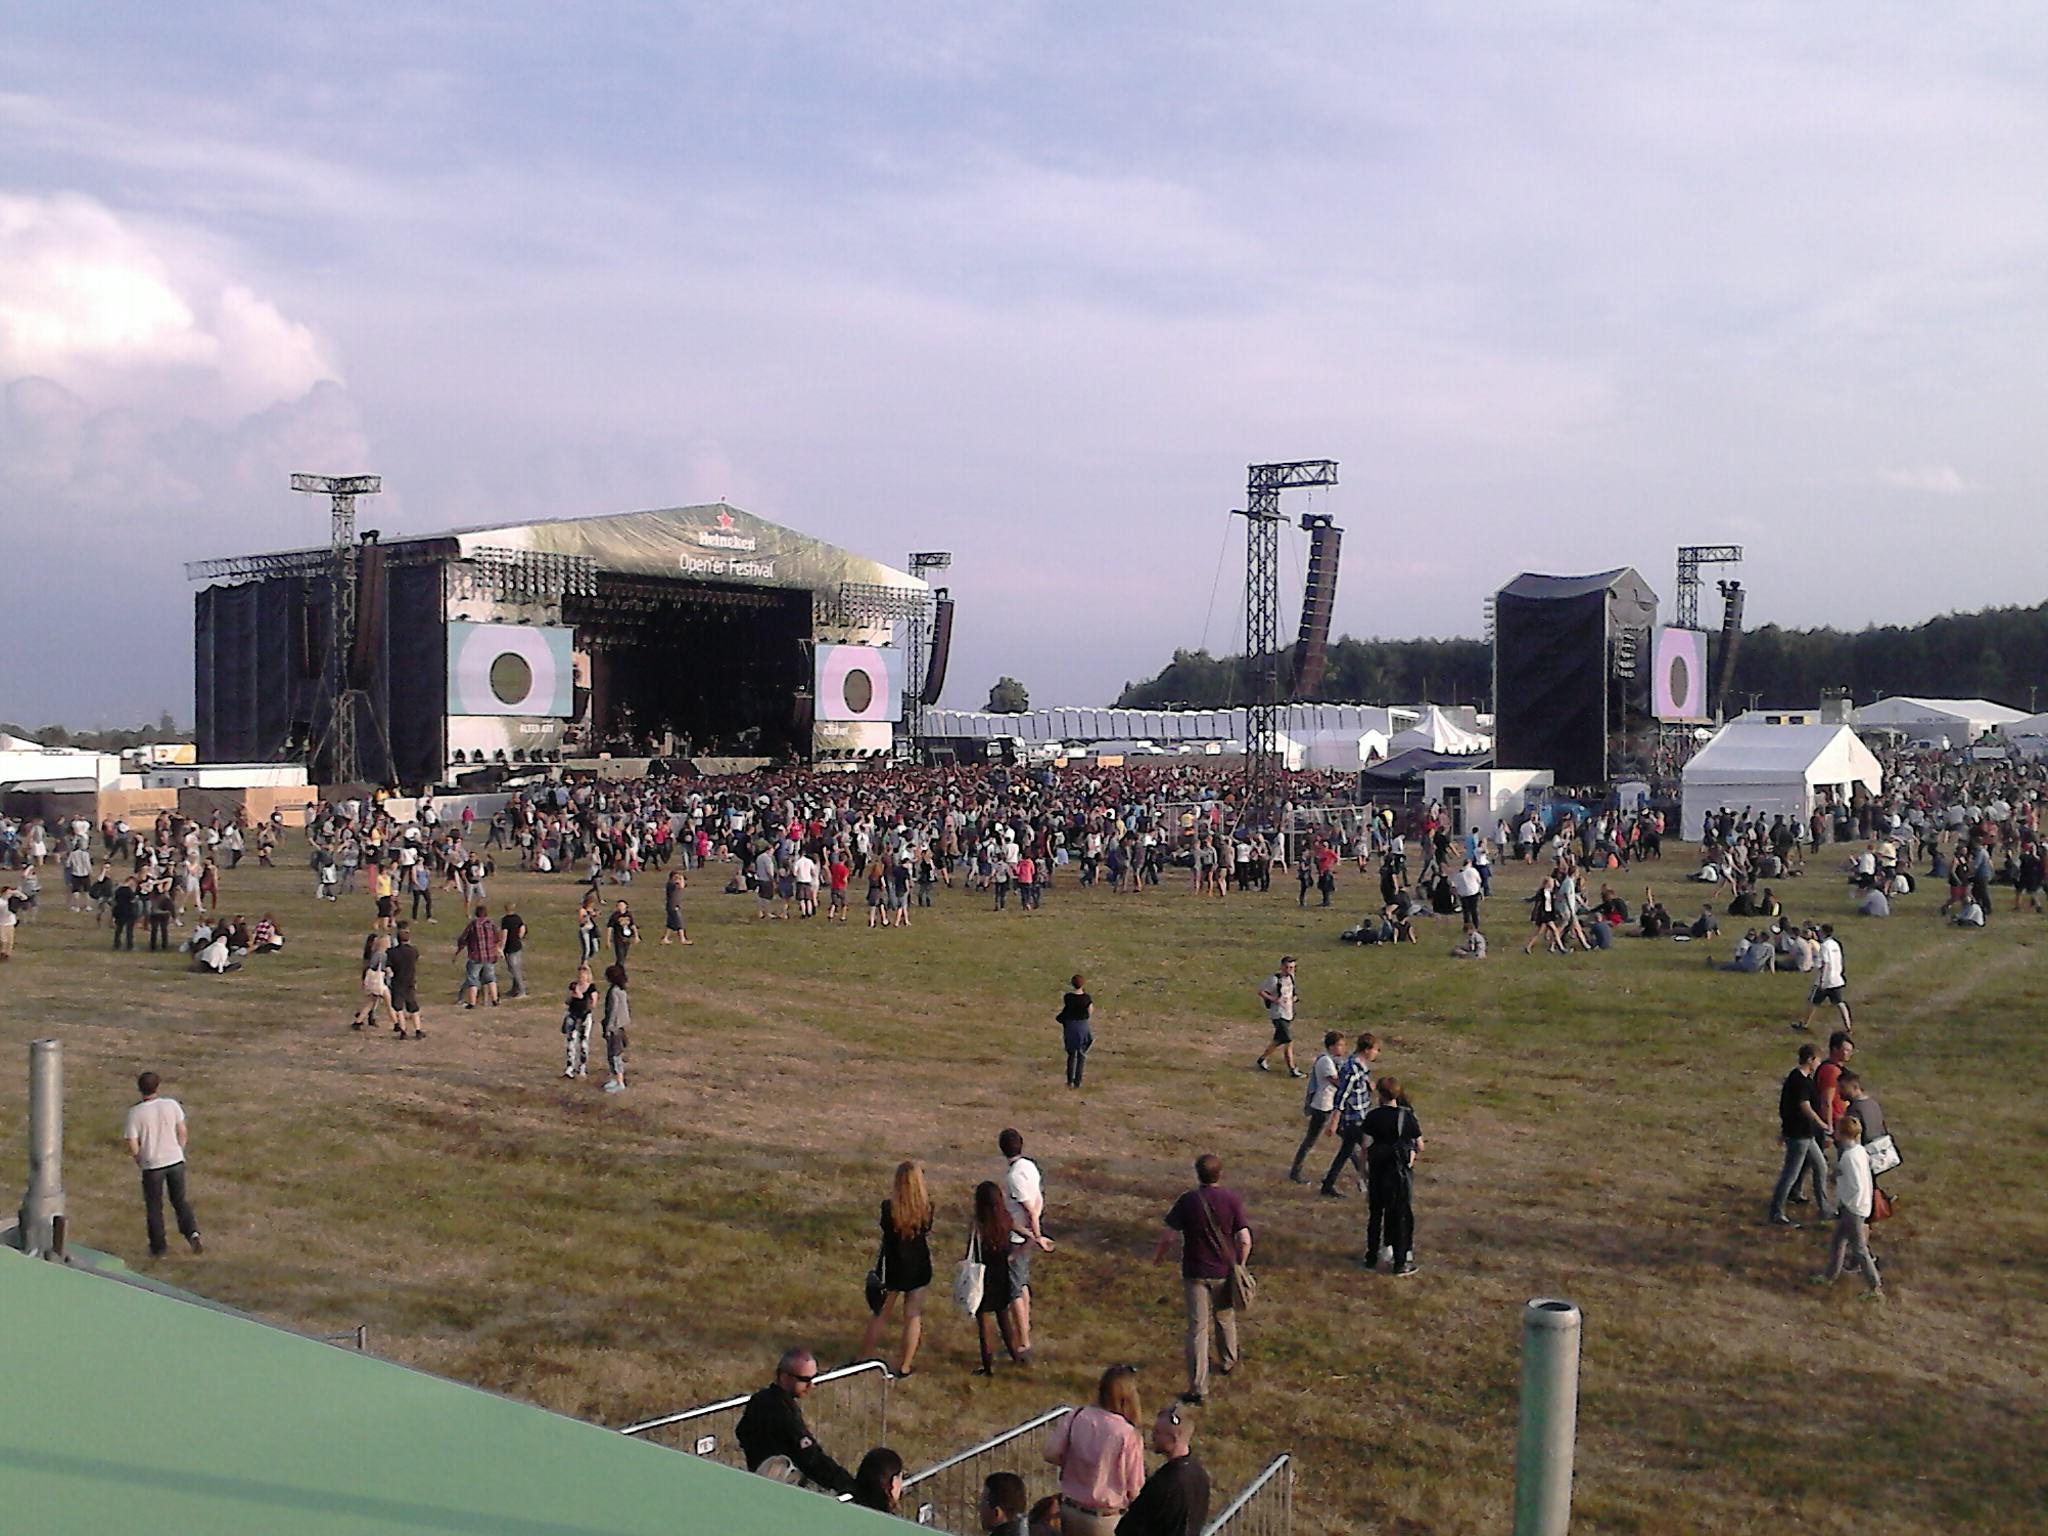 http://upload.wikimedia.org/wikipedia/commons/4/43/Heineken_Open%27er_Festival_2013_-_main_stage.jpg